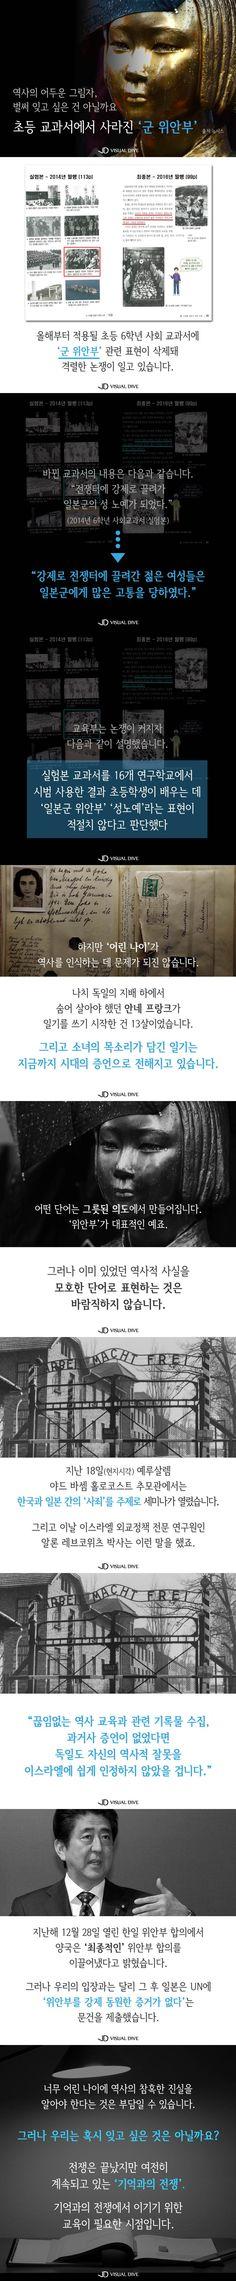 '위안부' 표현 초등 교과서에서 삭제…역사적 사실 축소 논란 [카드뉴스] #history / #cardnews ⓒ 비주얼다이브 무단 복사·전재·재배포 금지